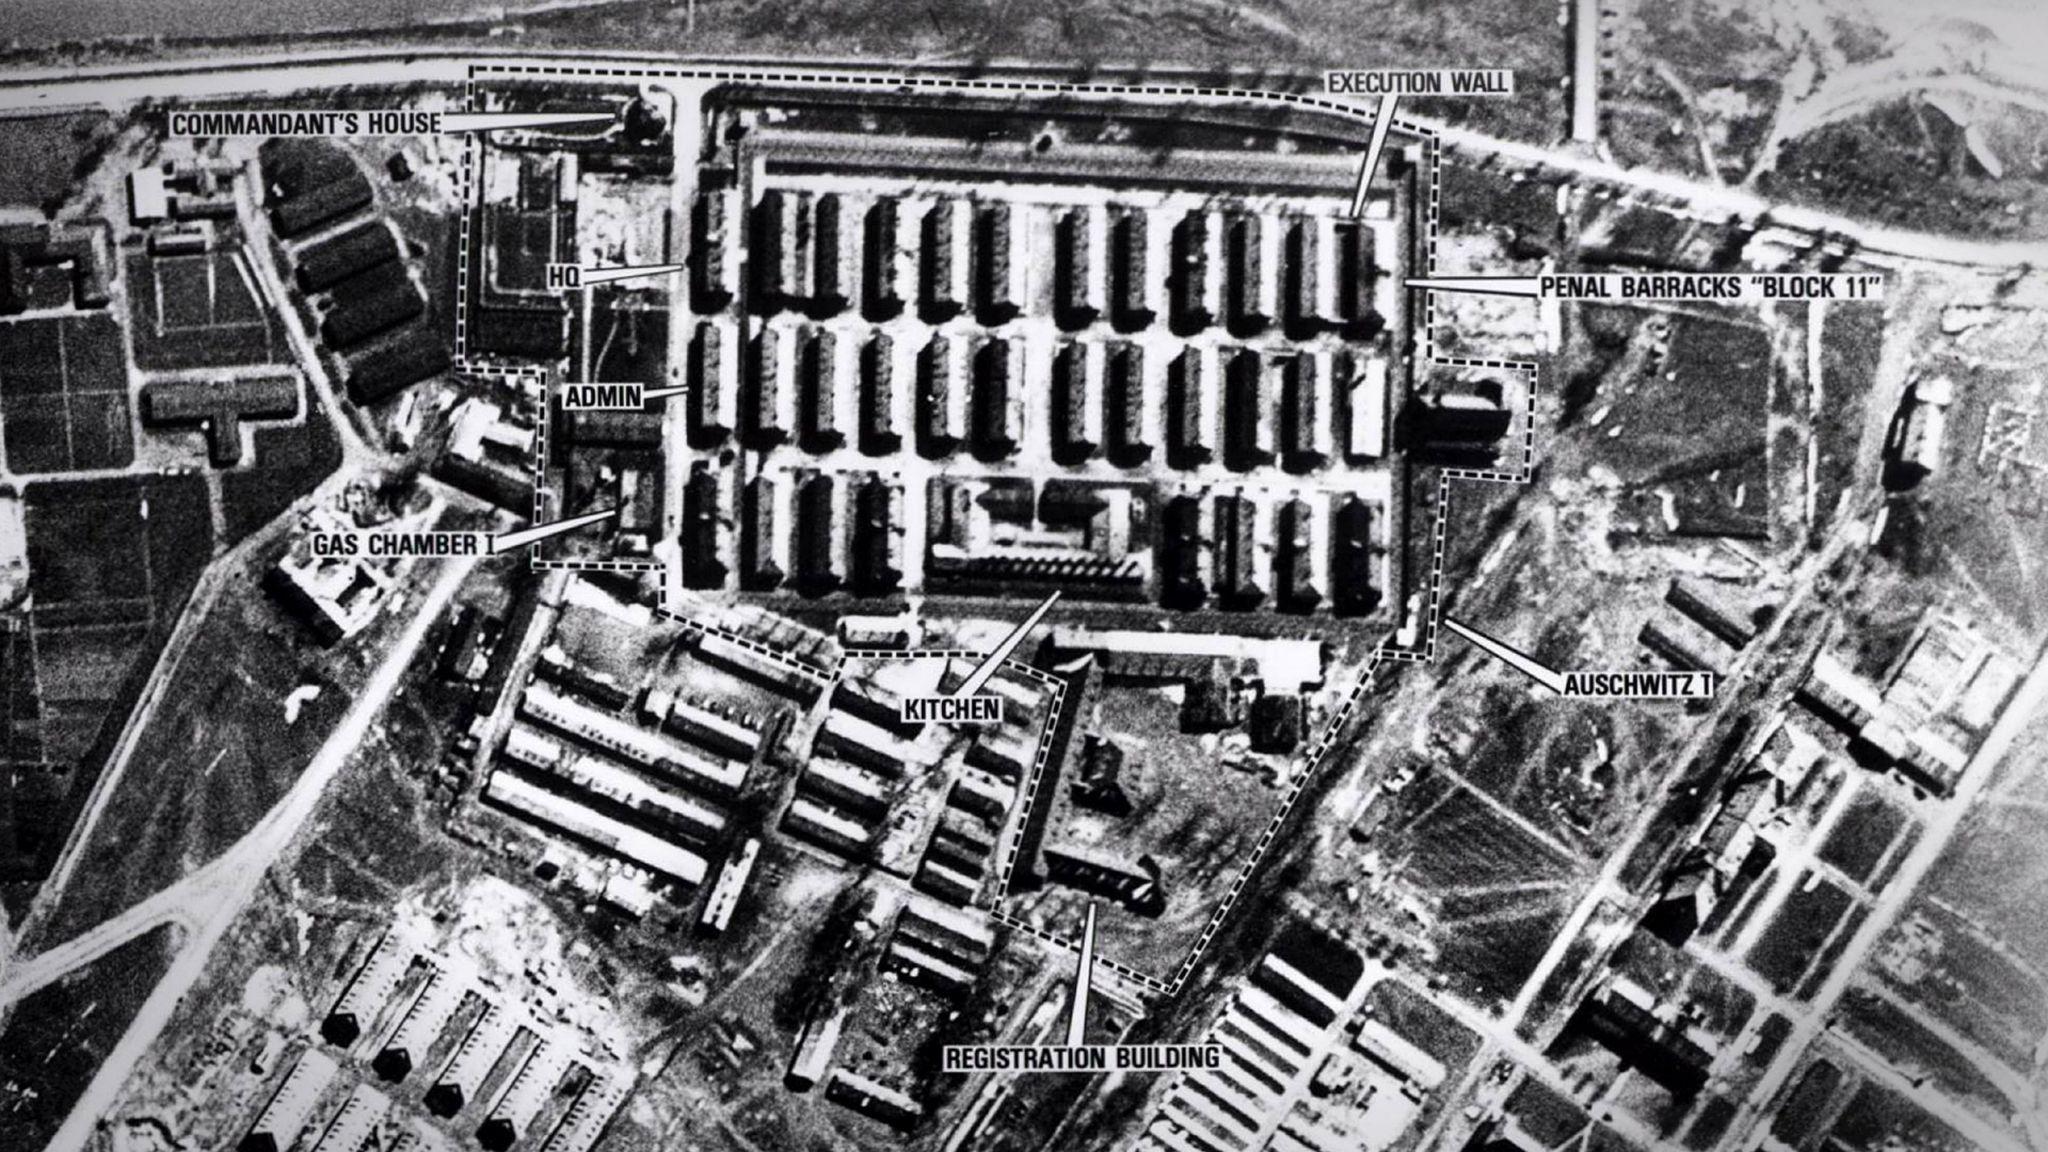 Aerial view of Auschwitz in WW2